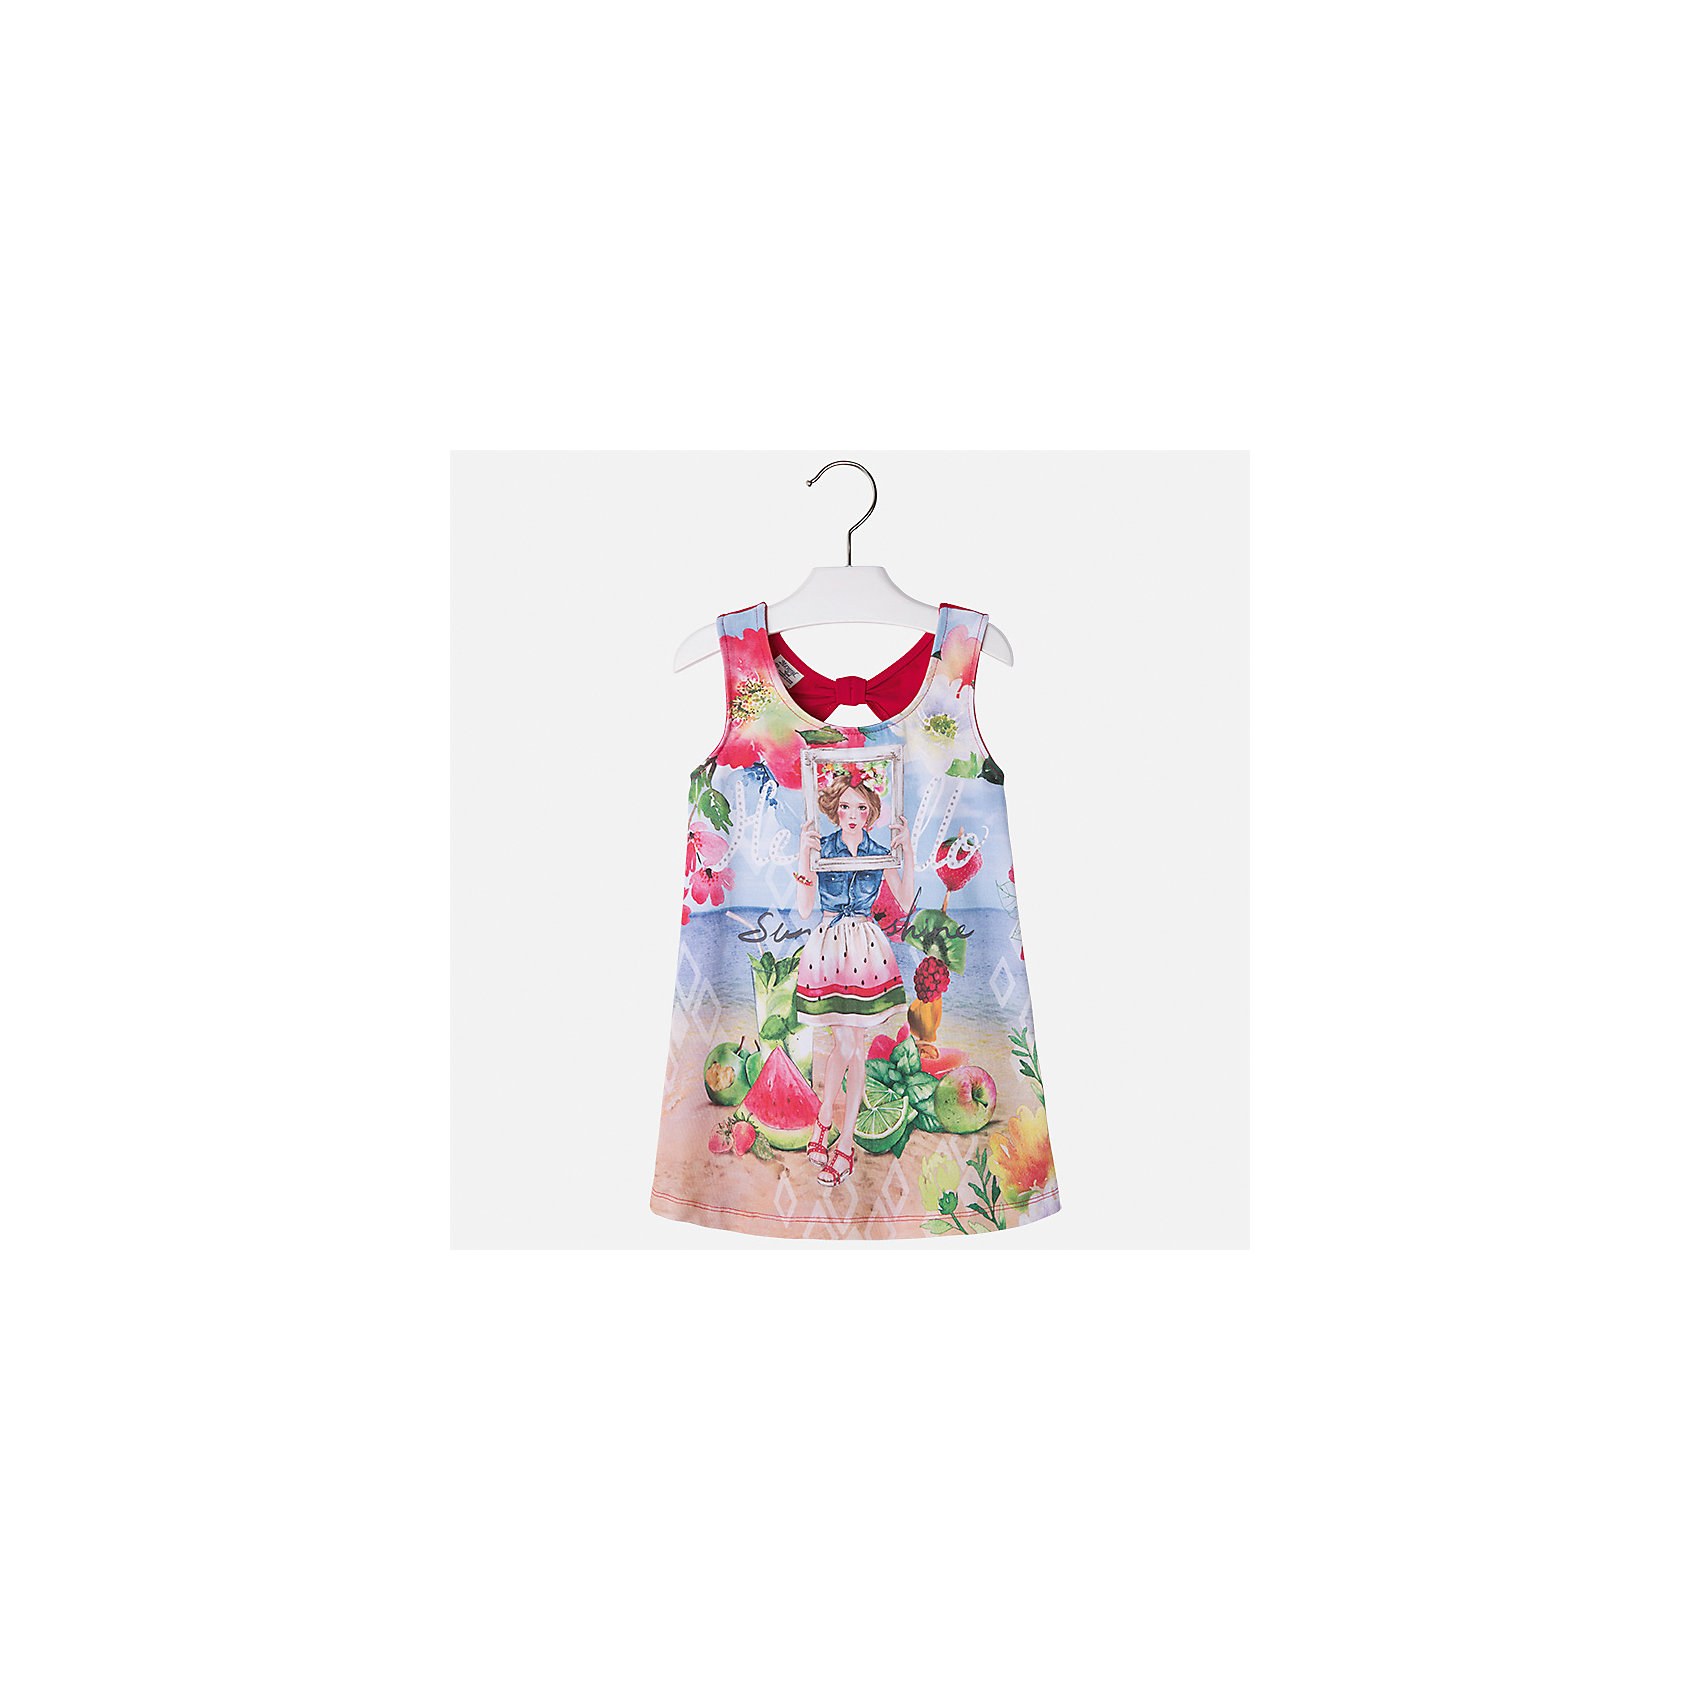 Платье для девочки MayoralПлатья и сарафаны<br>Характеристики товара:<br><br>• цвет: мультиколор/красный<br>• состав: 92% хлопок, 8% эластан<br>• без застежки<br>• принт<br>• без рукавов<br>• без подкладки<br>• страна бренда: Испания<br><br>Модное красивое платье для девочки поможет разнообразить гардероб ребенка и создать эффектный наряд. Оно отлично подойдет для различных случаев. Красивый оттенок позволяет подобрать к вещи обувь разных расцветок. Платье хорошо сидит по фигуре. . В составе материала - натуральный хлопок, гипоаллергенный, приятный на ощупь, дышащий.<br><br>Одежда, обувь и аксессуары от испанского бренда Mayoral полюбились детям и взрослым по всему миру. Модели этой марки - стильные и удобные. Для их производства используются только безопасные, качественные материалы и фурнитура. Порадуйте ребенка модными и красивыми вещами от Mayoral! <br><br>Платье для девочки от испанского бренда Mayoral (Майорал) можно купить в нашем интернет-магазине.<br><br>Ширина мм: 236<br>Глубина мм: 16<br>Высота мм: 184<br>Вес г: 177<br>Цвет: красный<br>Возраст от месяцев: 96<br>Возраст до месяцев: 108<br>Пол: Женский<br>Возраст: Детский<br>Размер: 134,92,98,104,110,116,122,128<br>SKU: 5291507